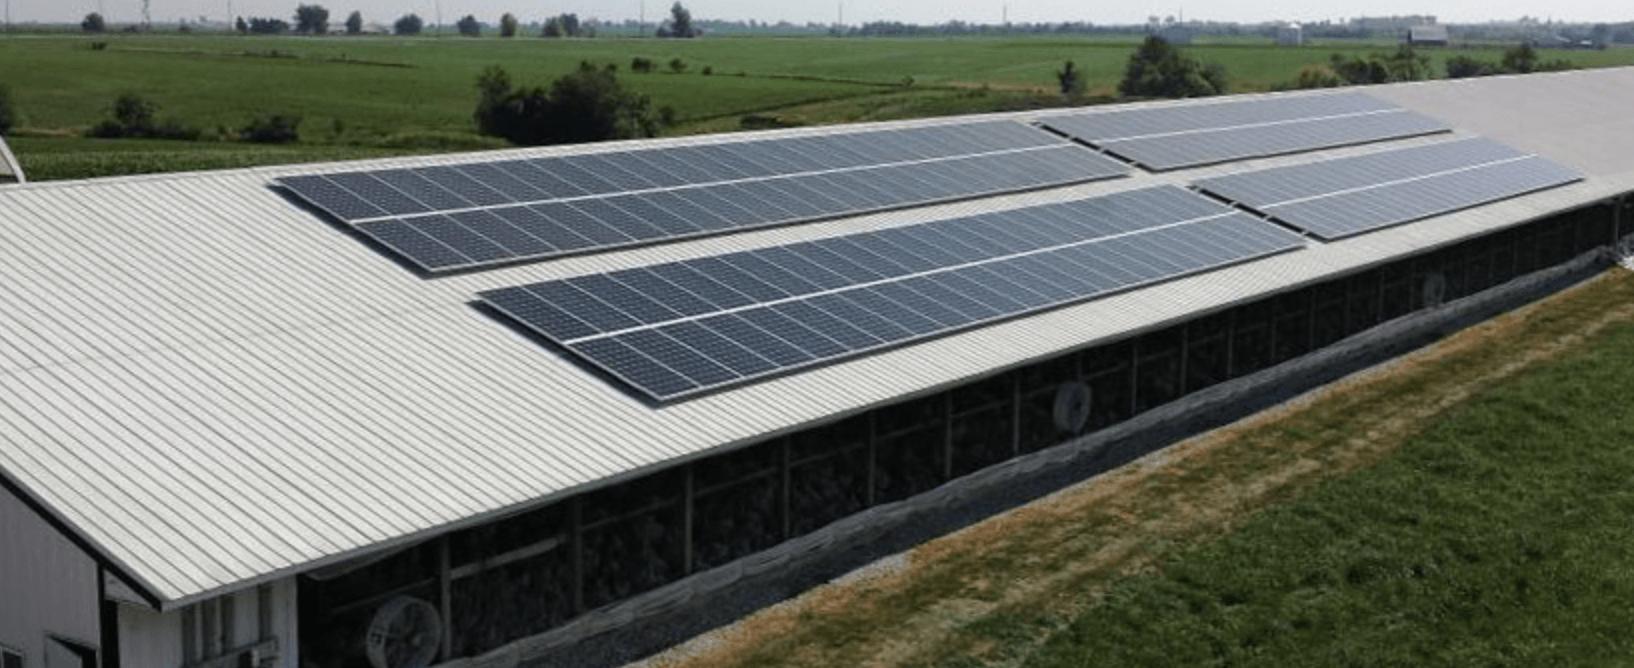 Solceller på taket av en lada